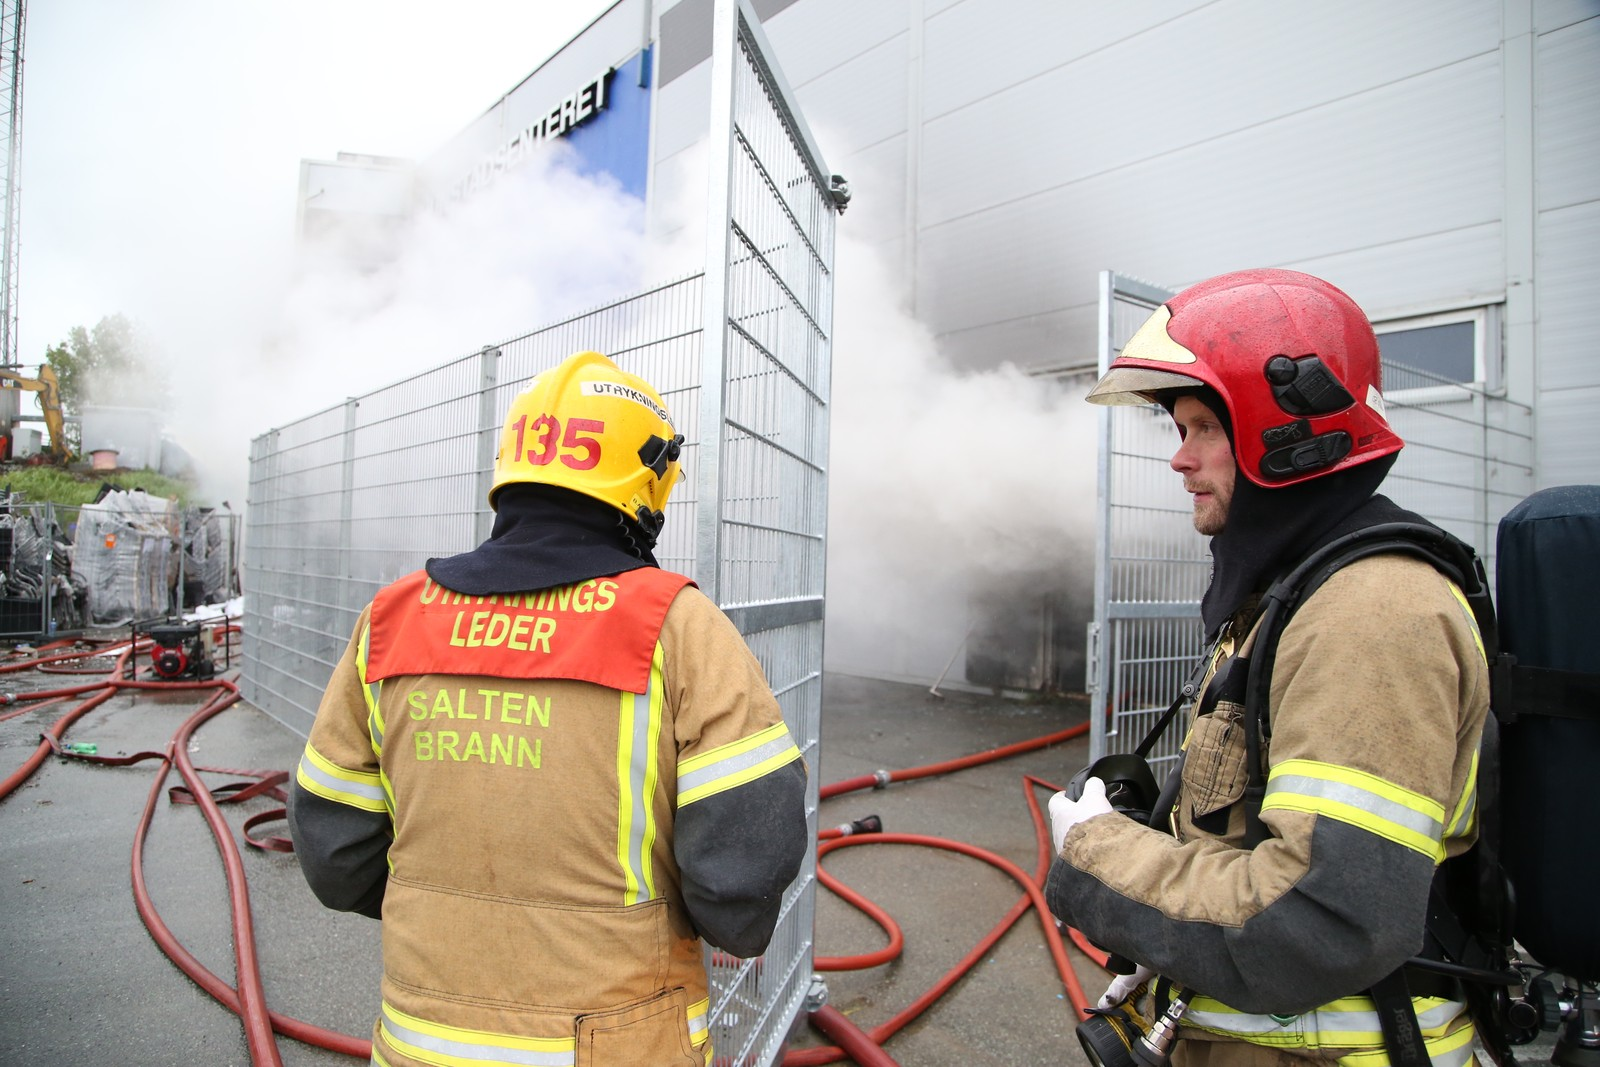 Brannvesenet ber folk holde seg unna området for ikke å bli skadet av giftig røyk.